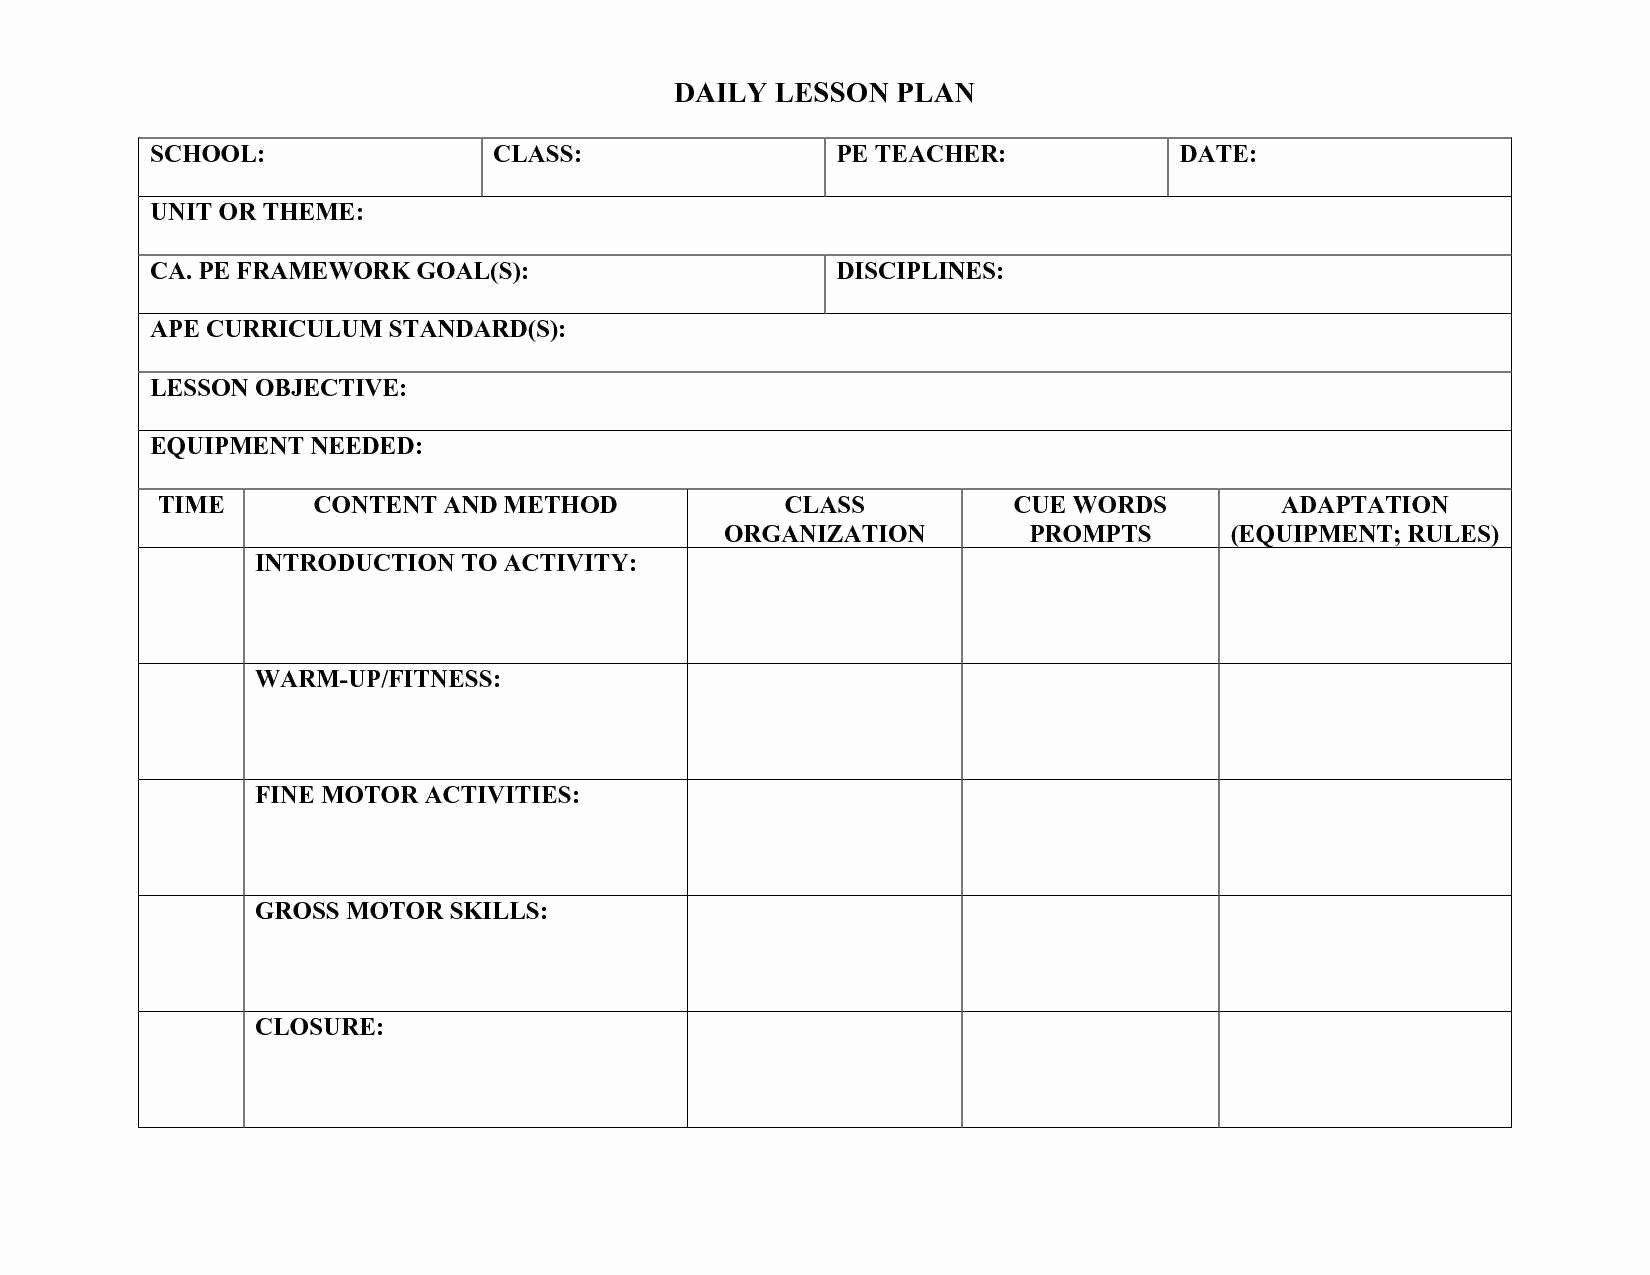 Pe Lesson Plan Template Unique Professional Lesson Plan Template – Blank Lesson Plan